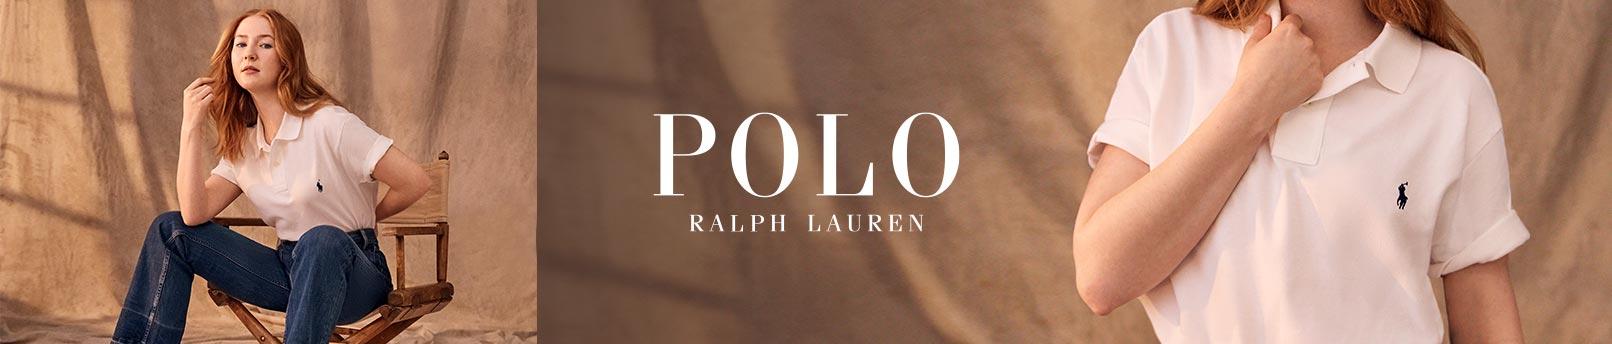 Shop polo's